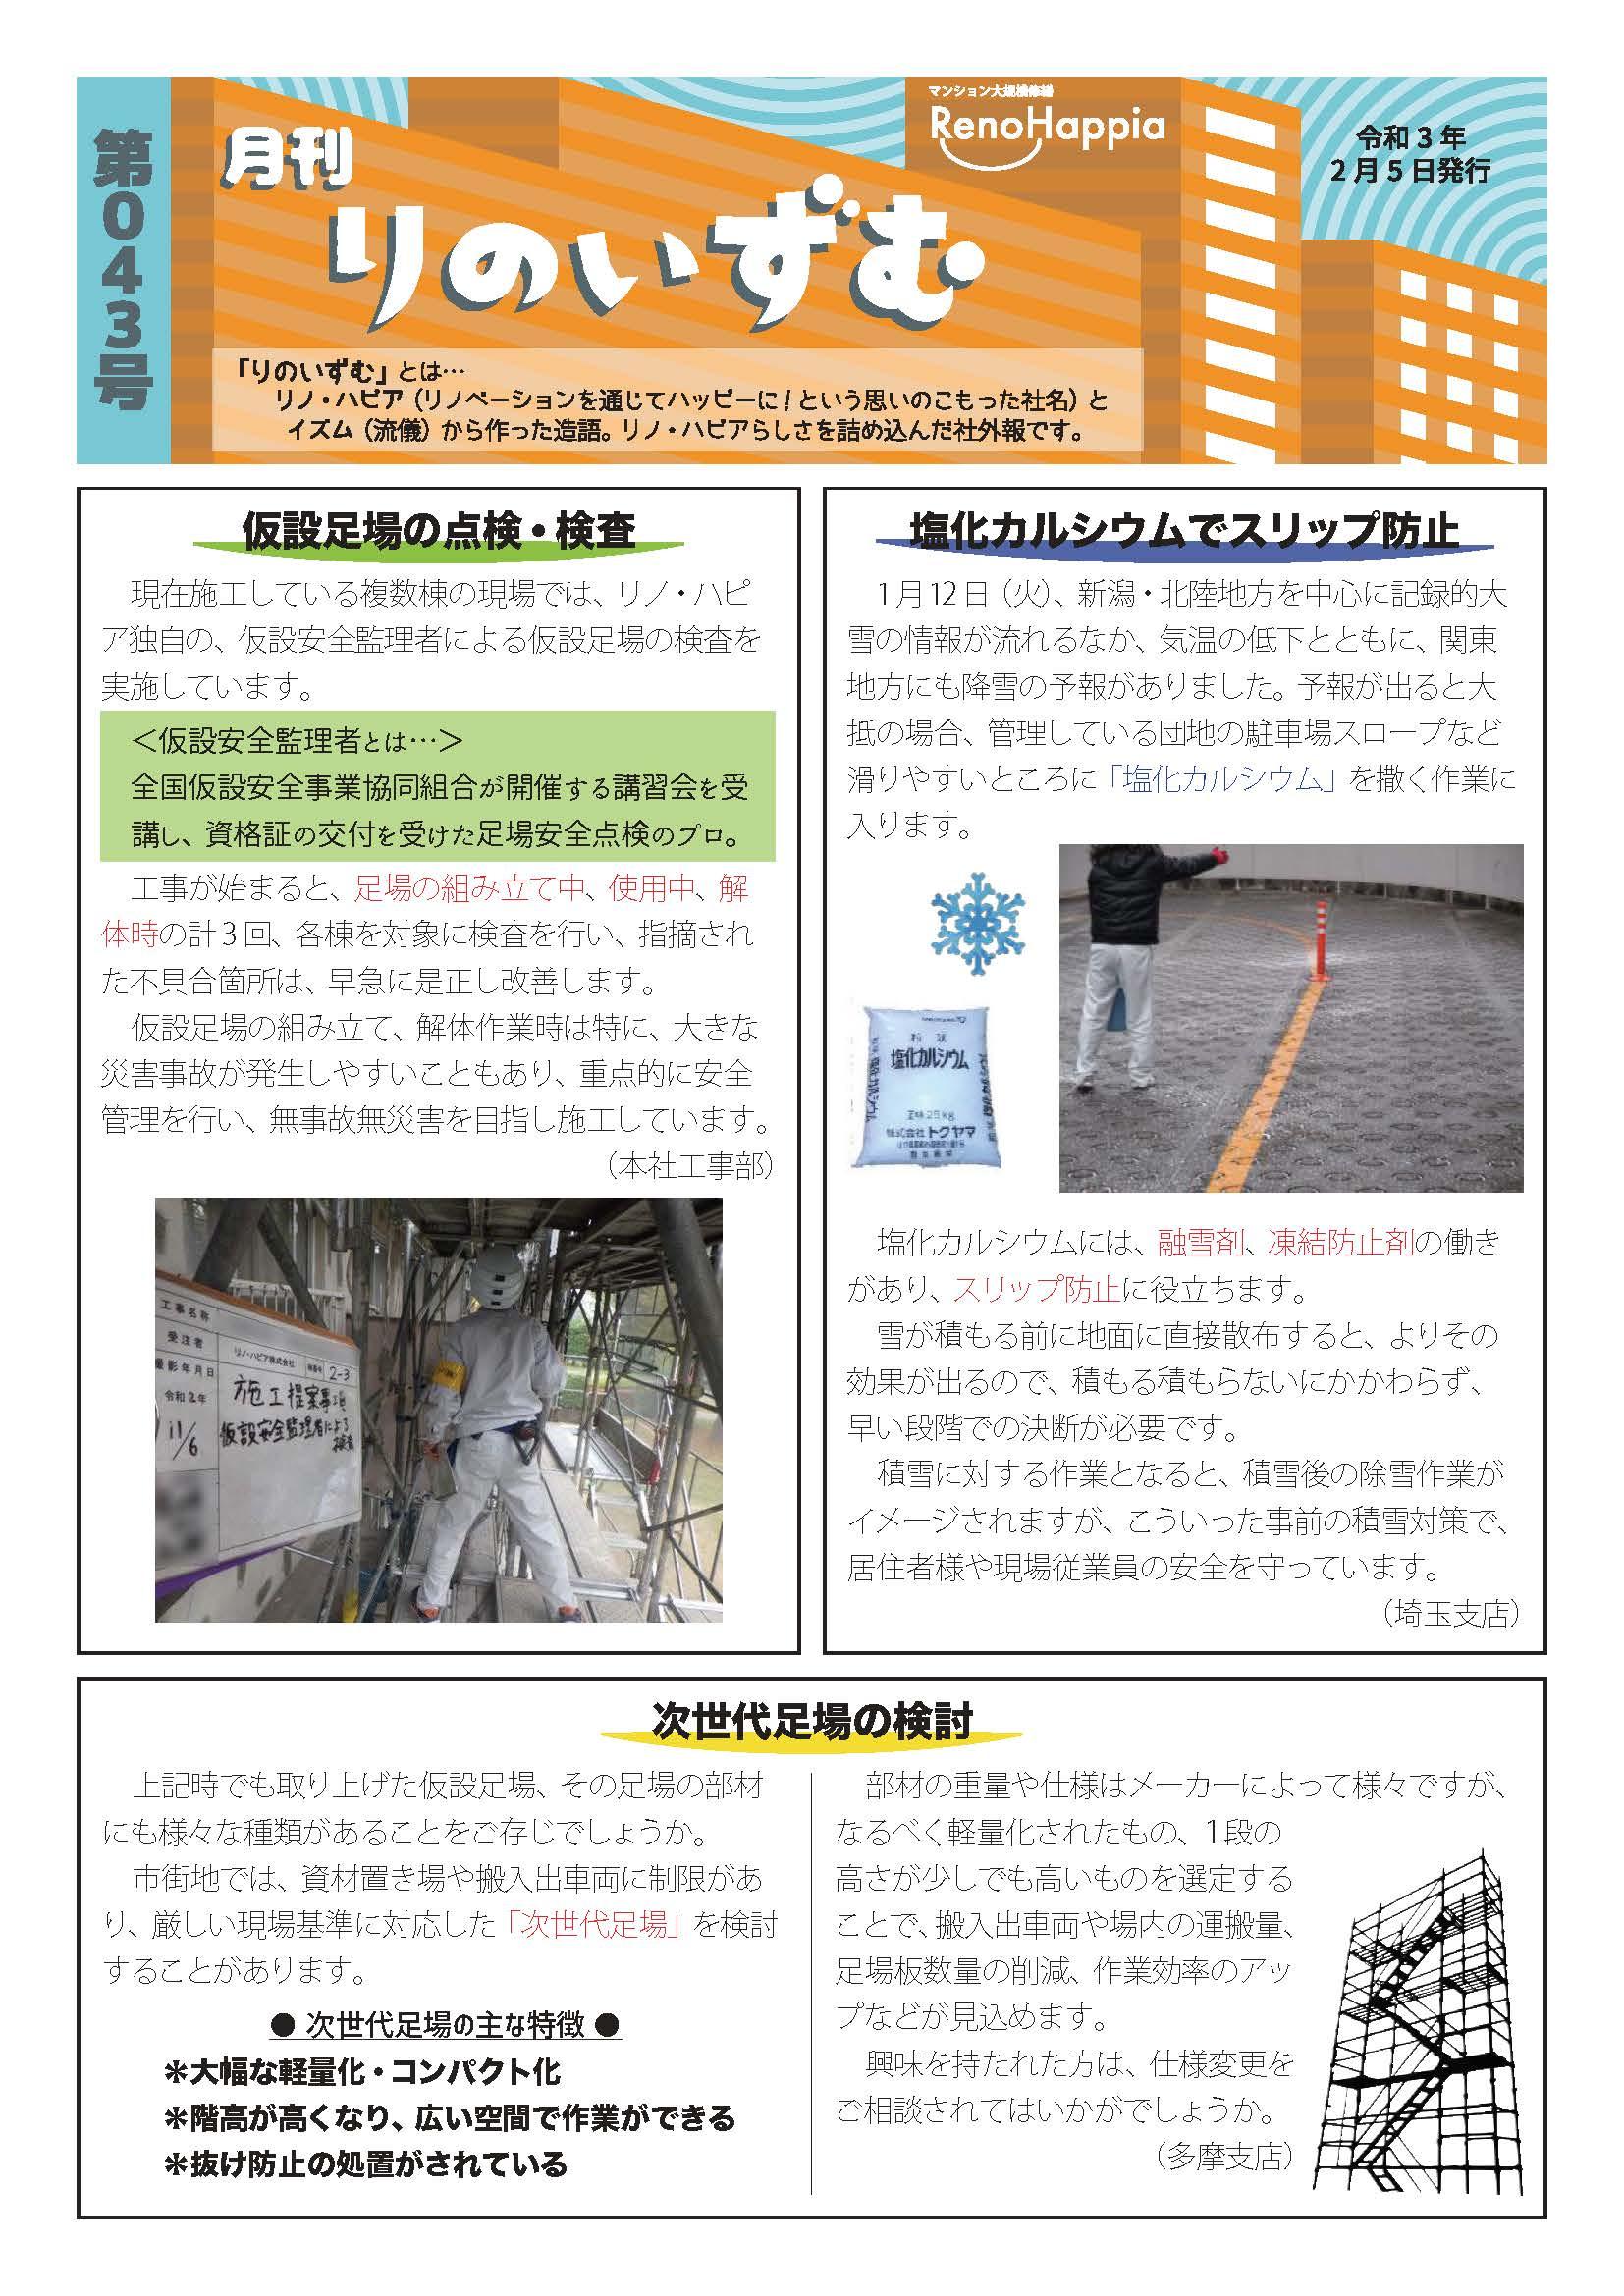 社外報第43号-min_ページ_1